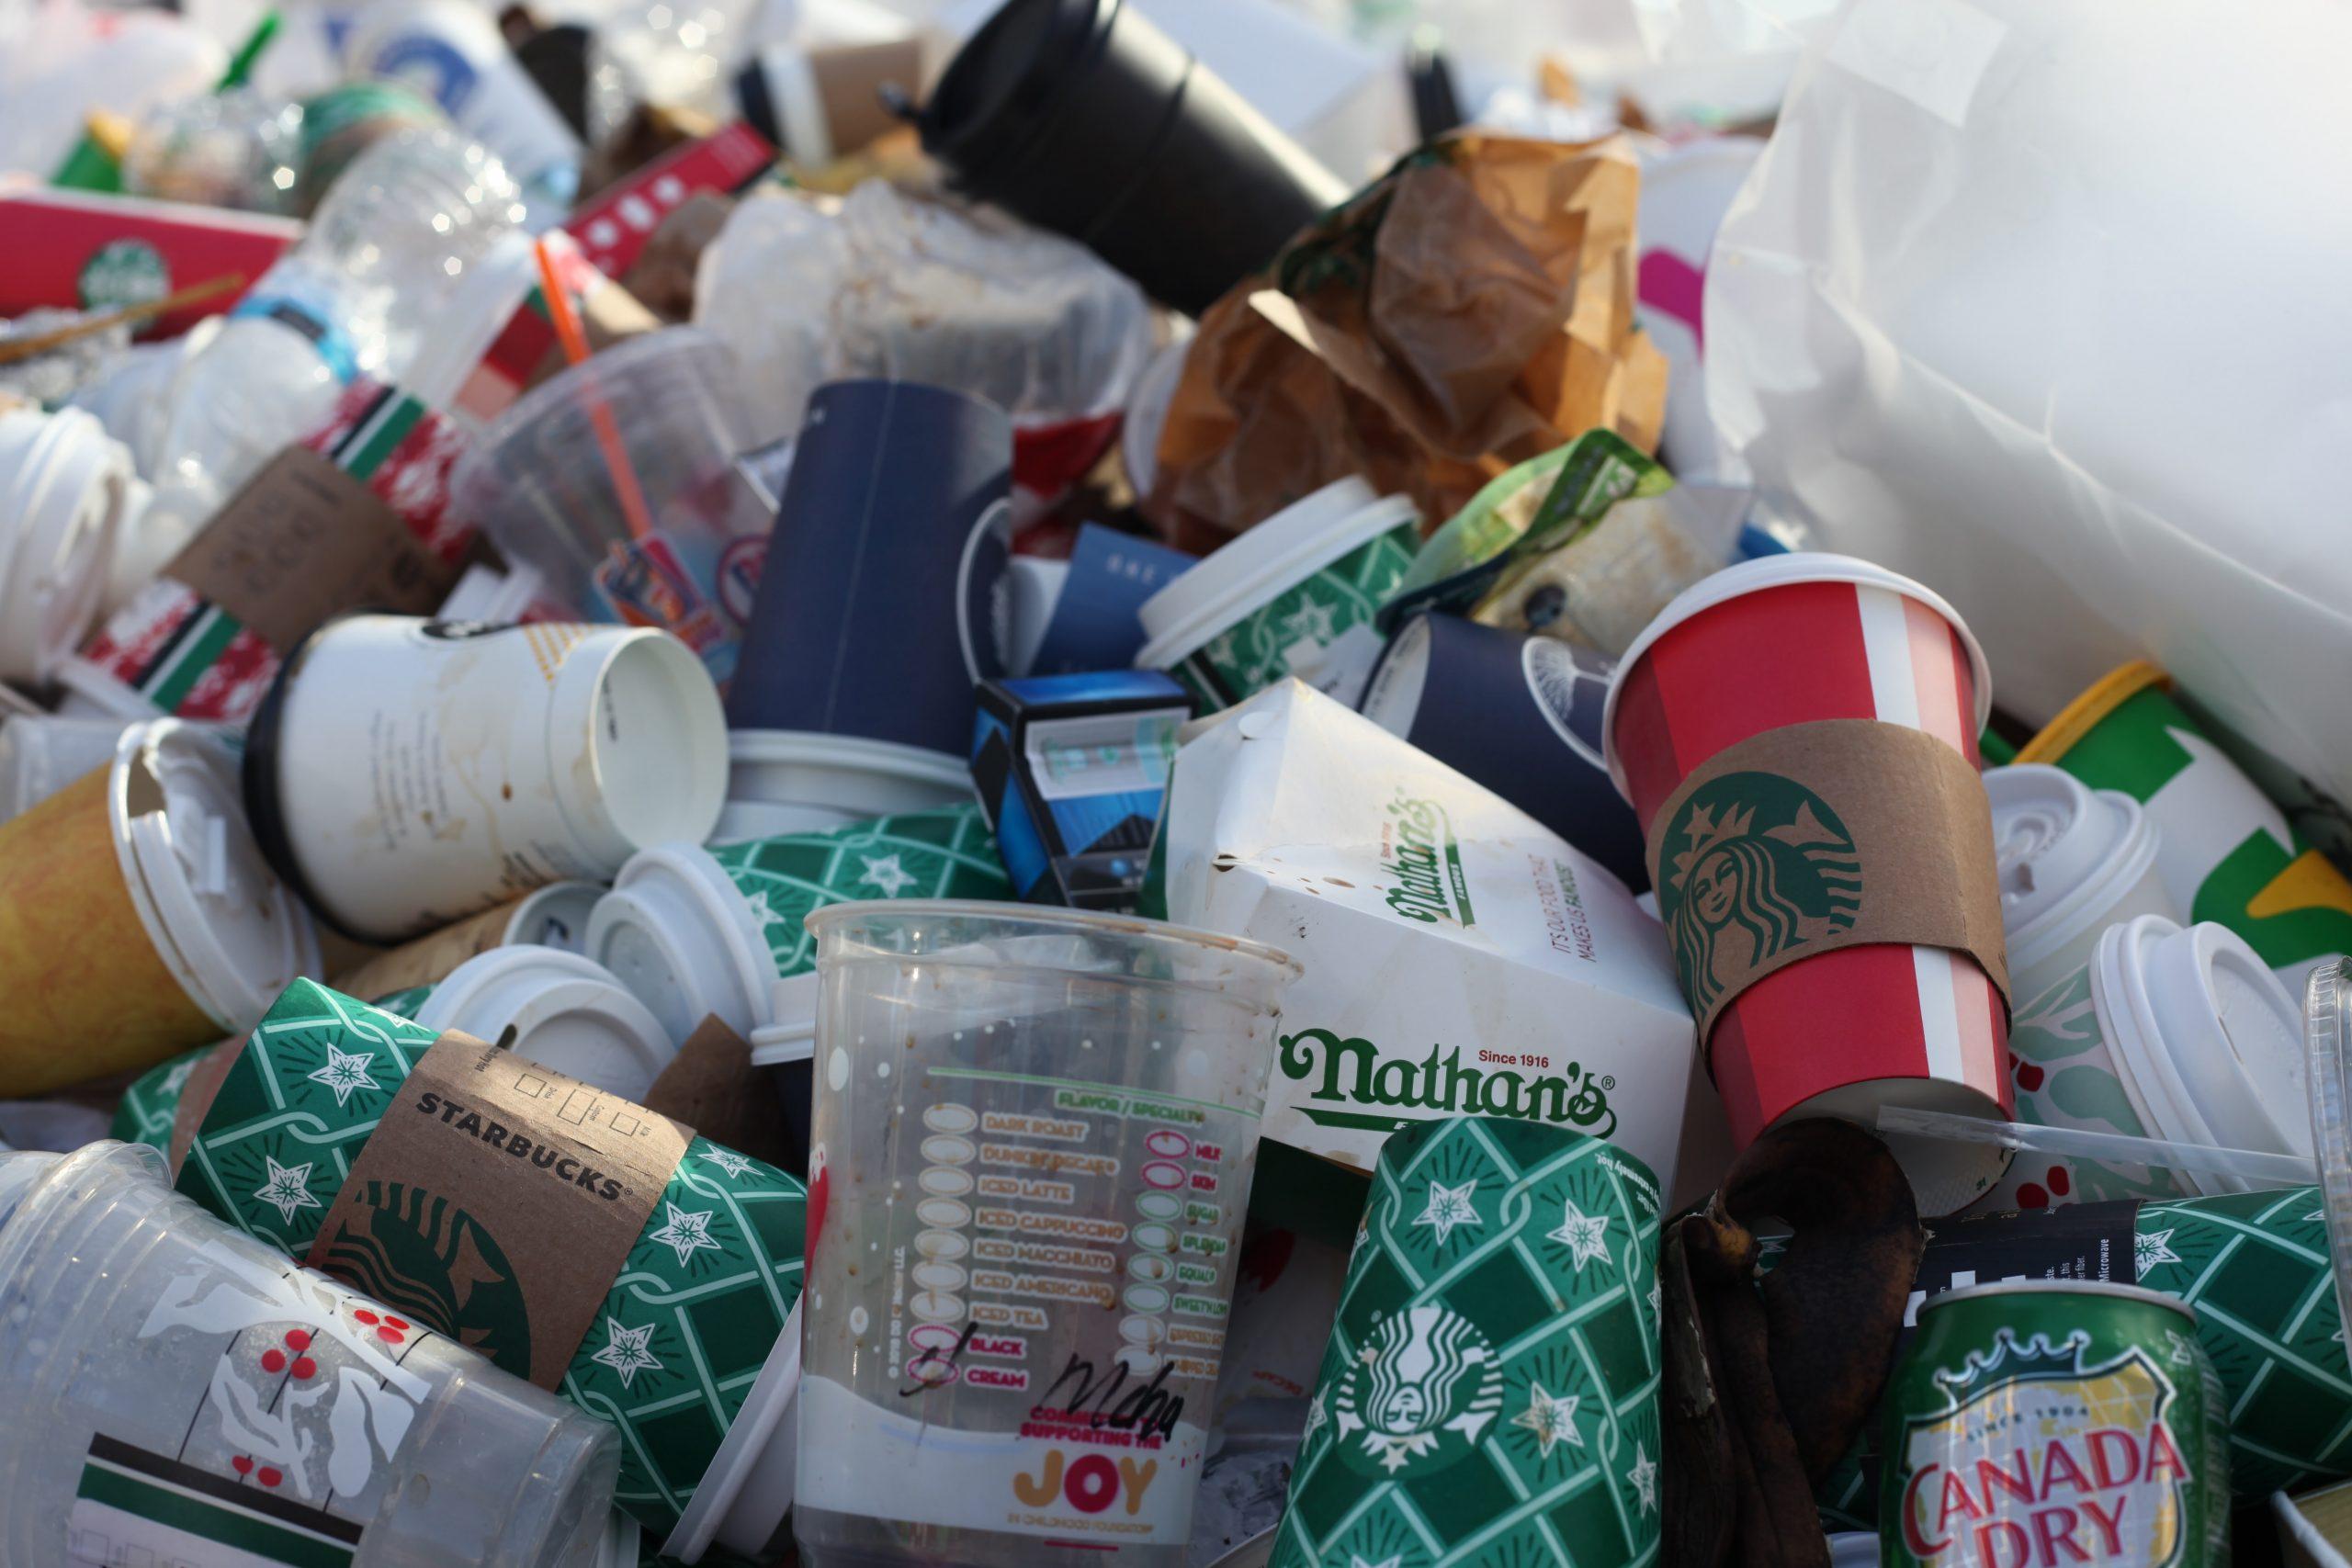 Obiecte Care Nu Se Recicleaza